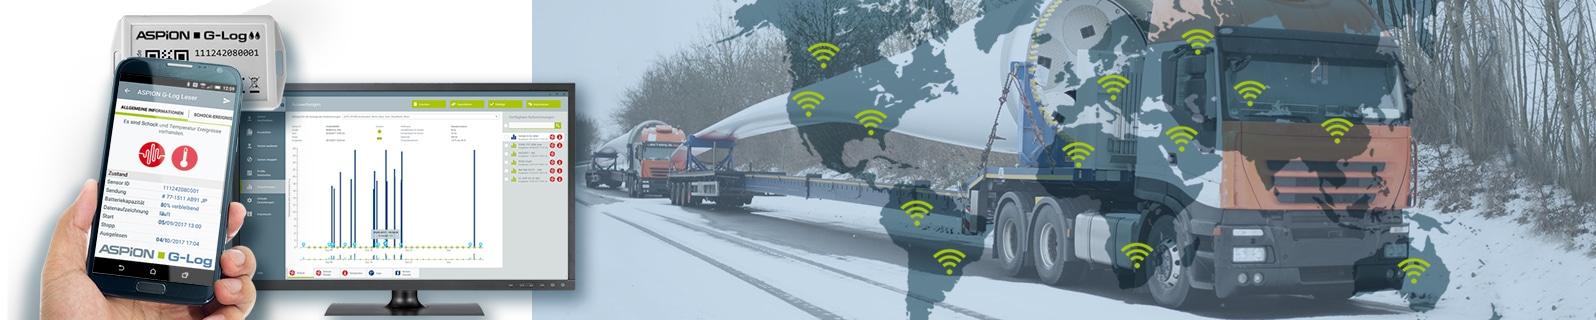 Transportüberwachung mit ASPION G-Log Schocksensoren als Datenlogger